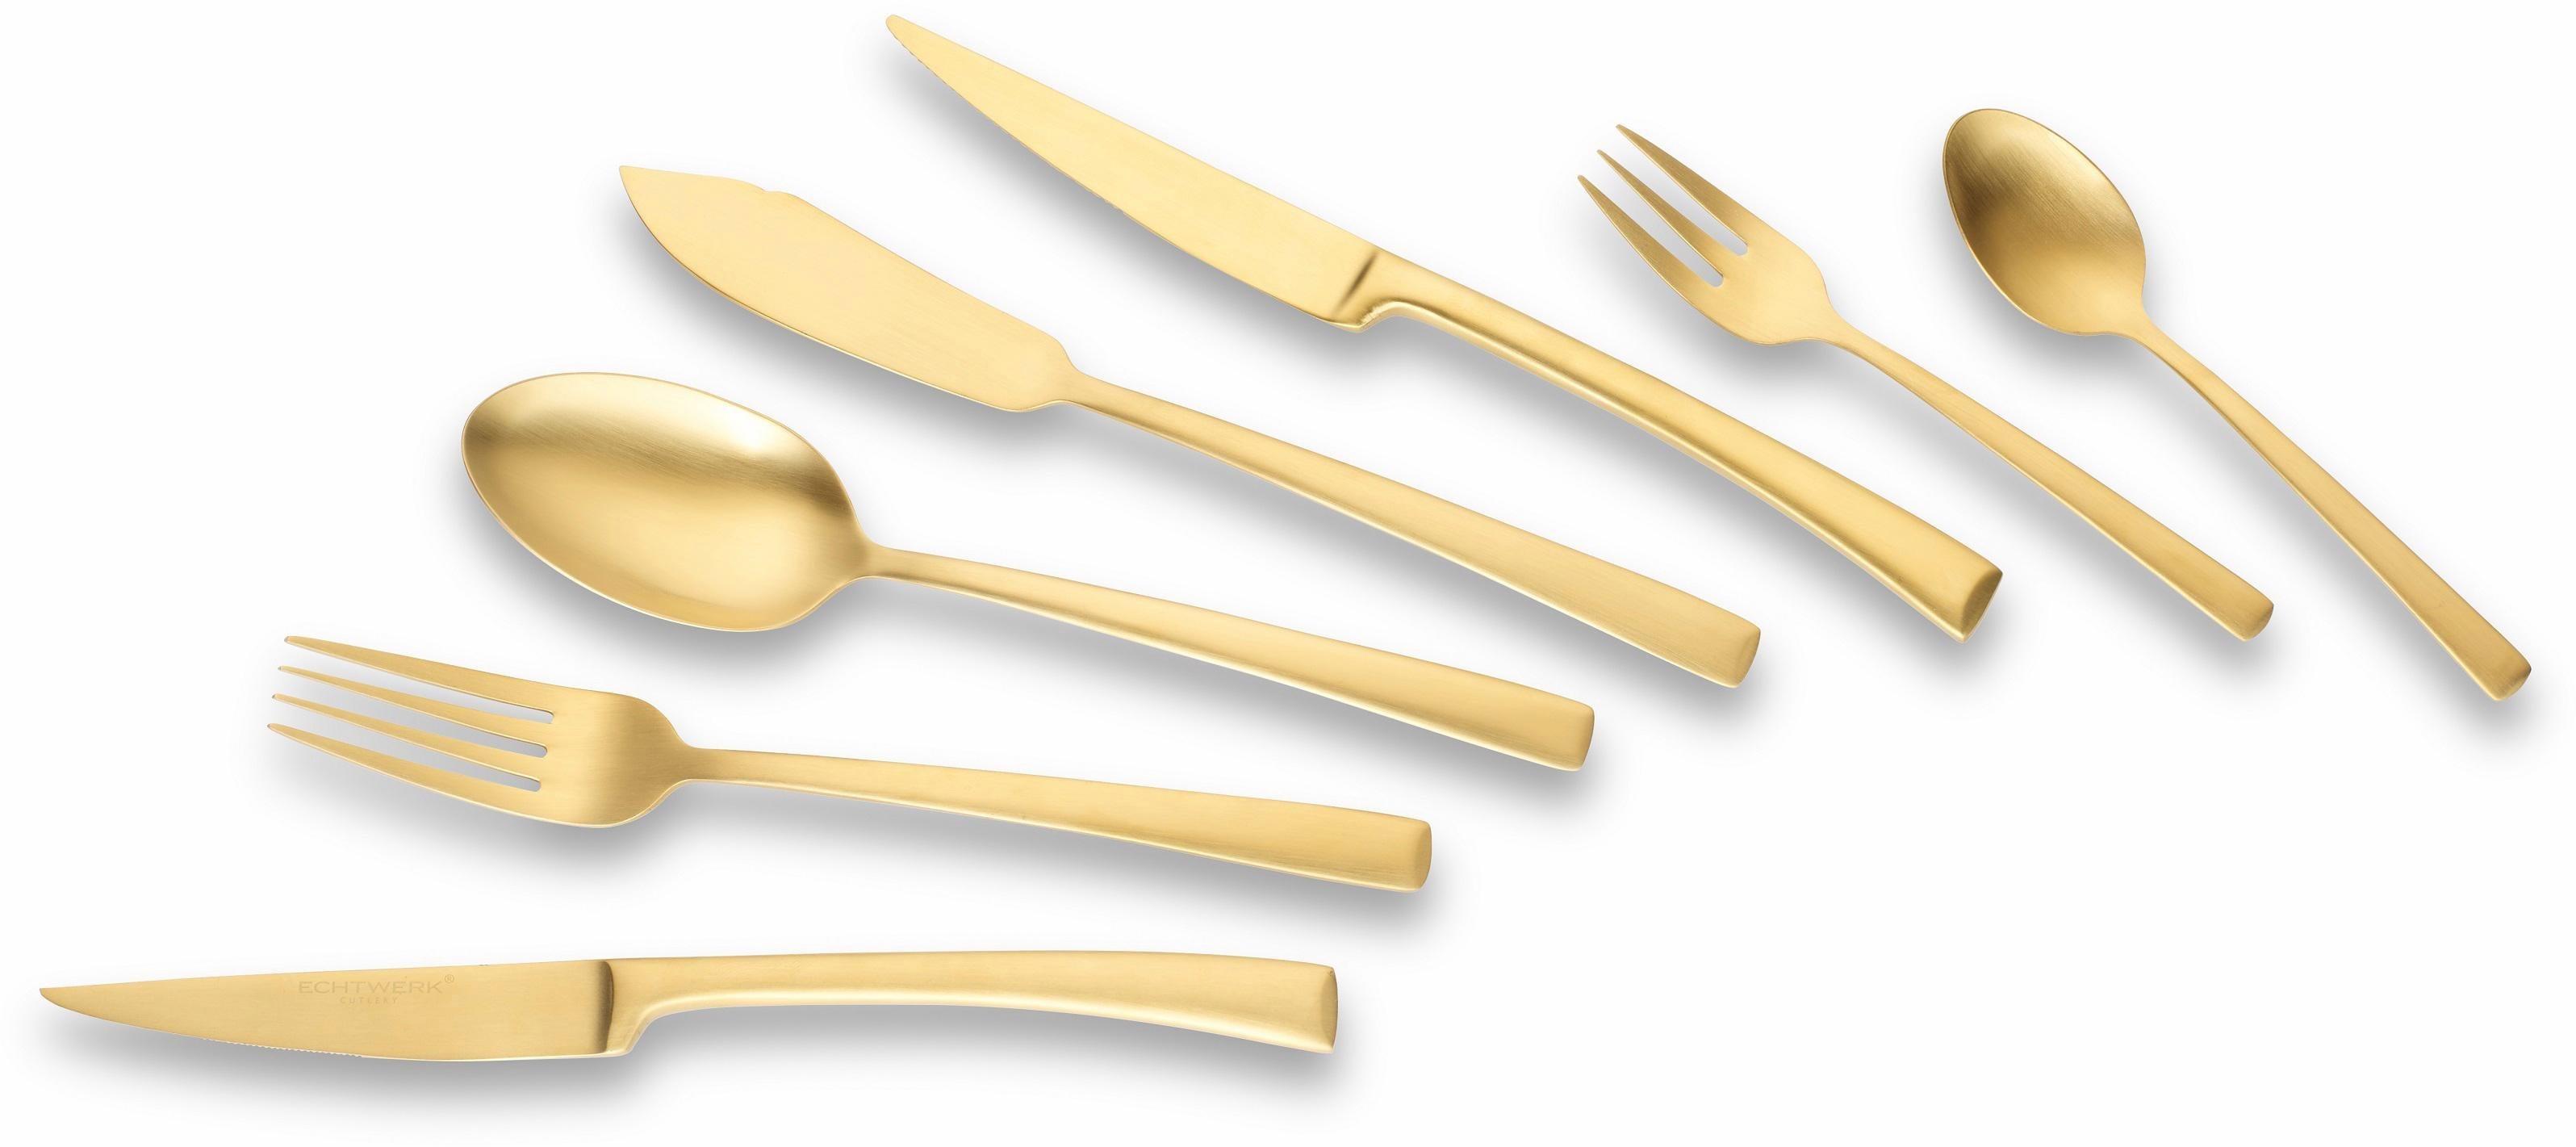 Echtwerk Besteck-Set, Edelstahl 18/10 goldfarben-mattiert, 42-teilig, »Avelino« | Küche und Esszimmer > Besteck und Geschirr > Besteck | ECHTWERK